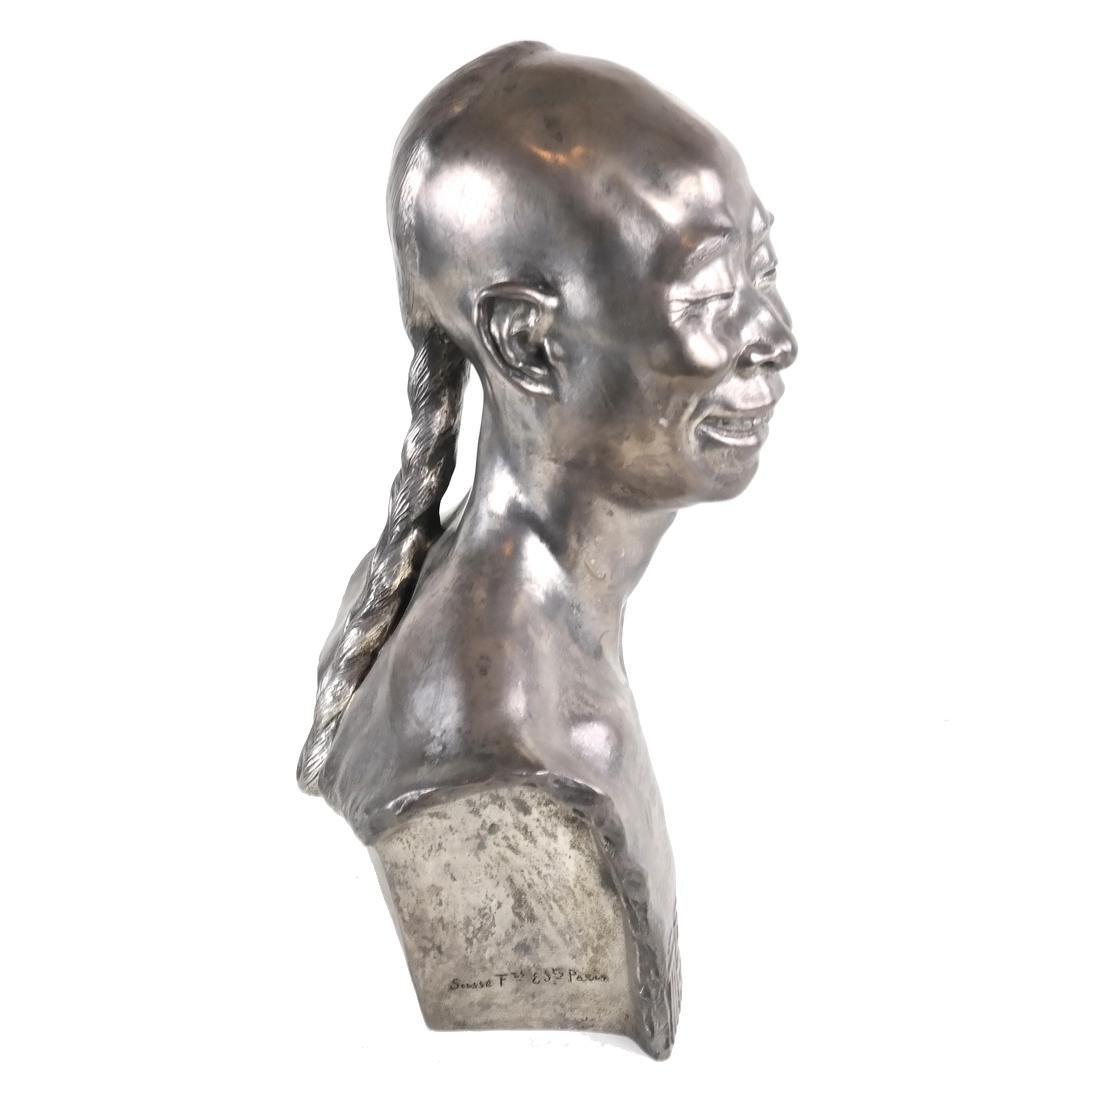 Chih-Fan Bronze Sculpture by Jean Mich